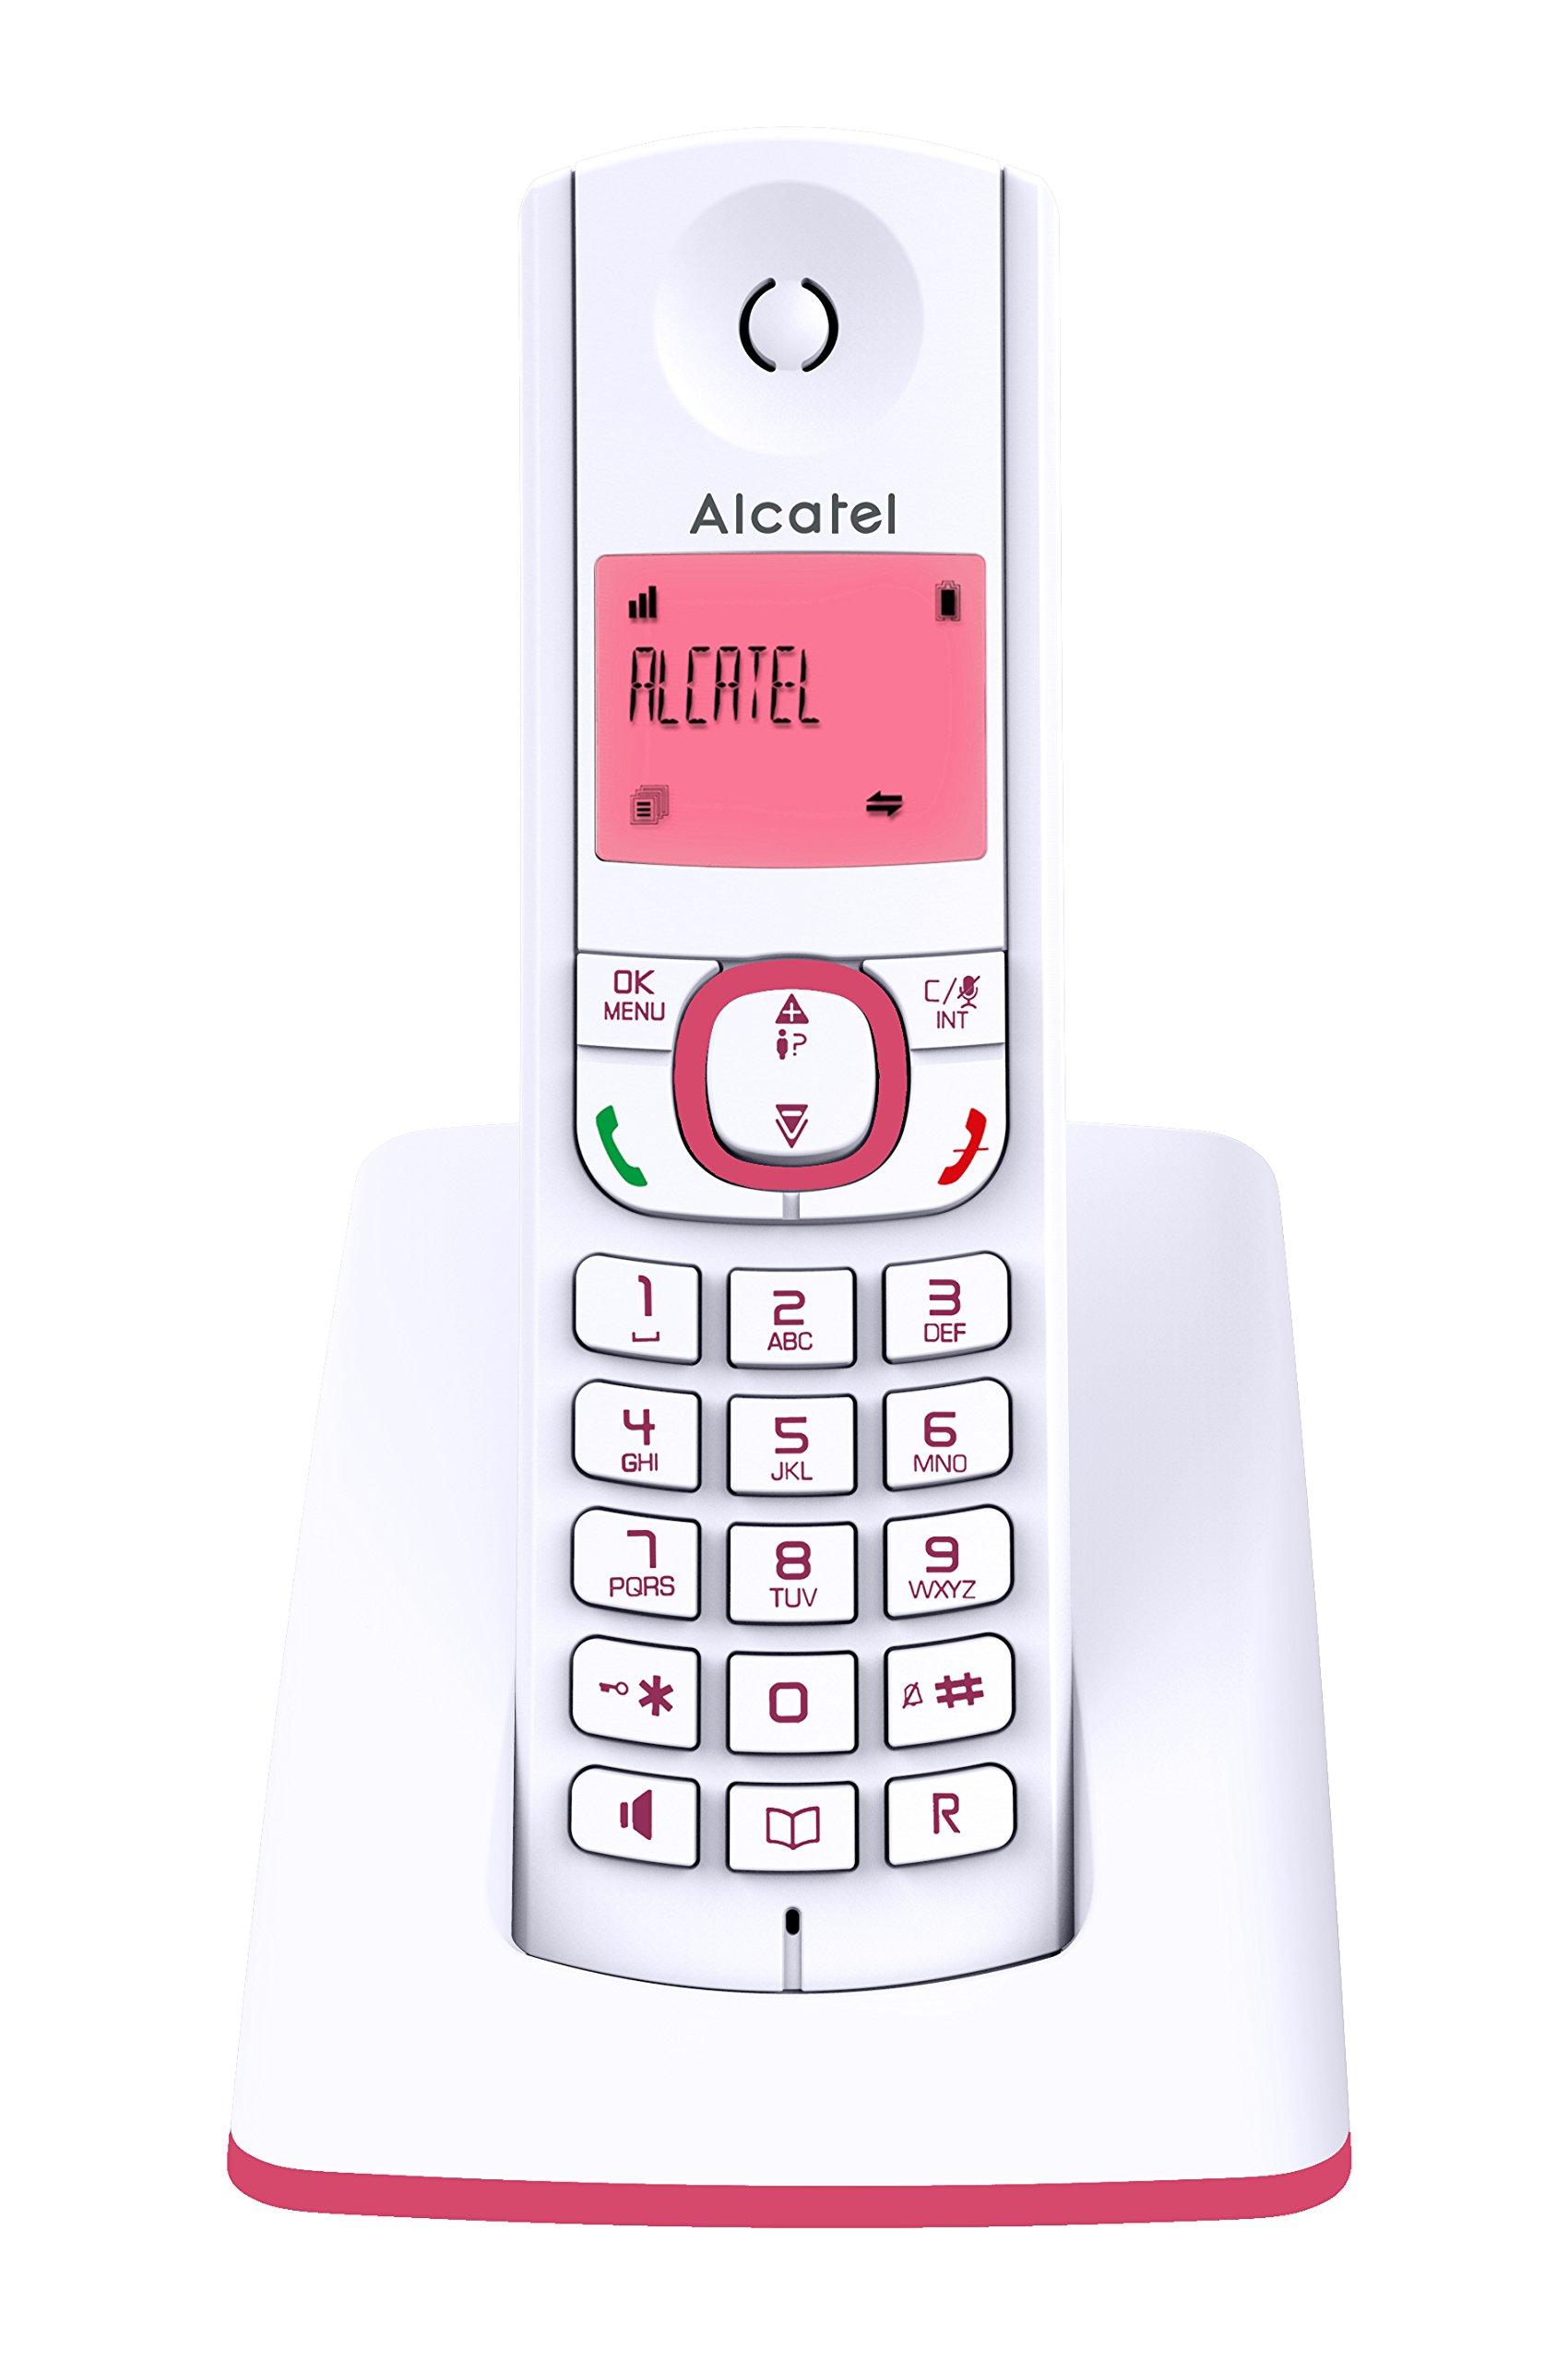 Alcatel F530 - Teléfono (Teléfono DECT, Terminal inalámbrico, Altavoz, 50 entradas, Identificador de Llamadas, Rosa, Blanco): Amazon.es: Electrónica